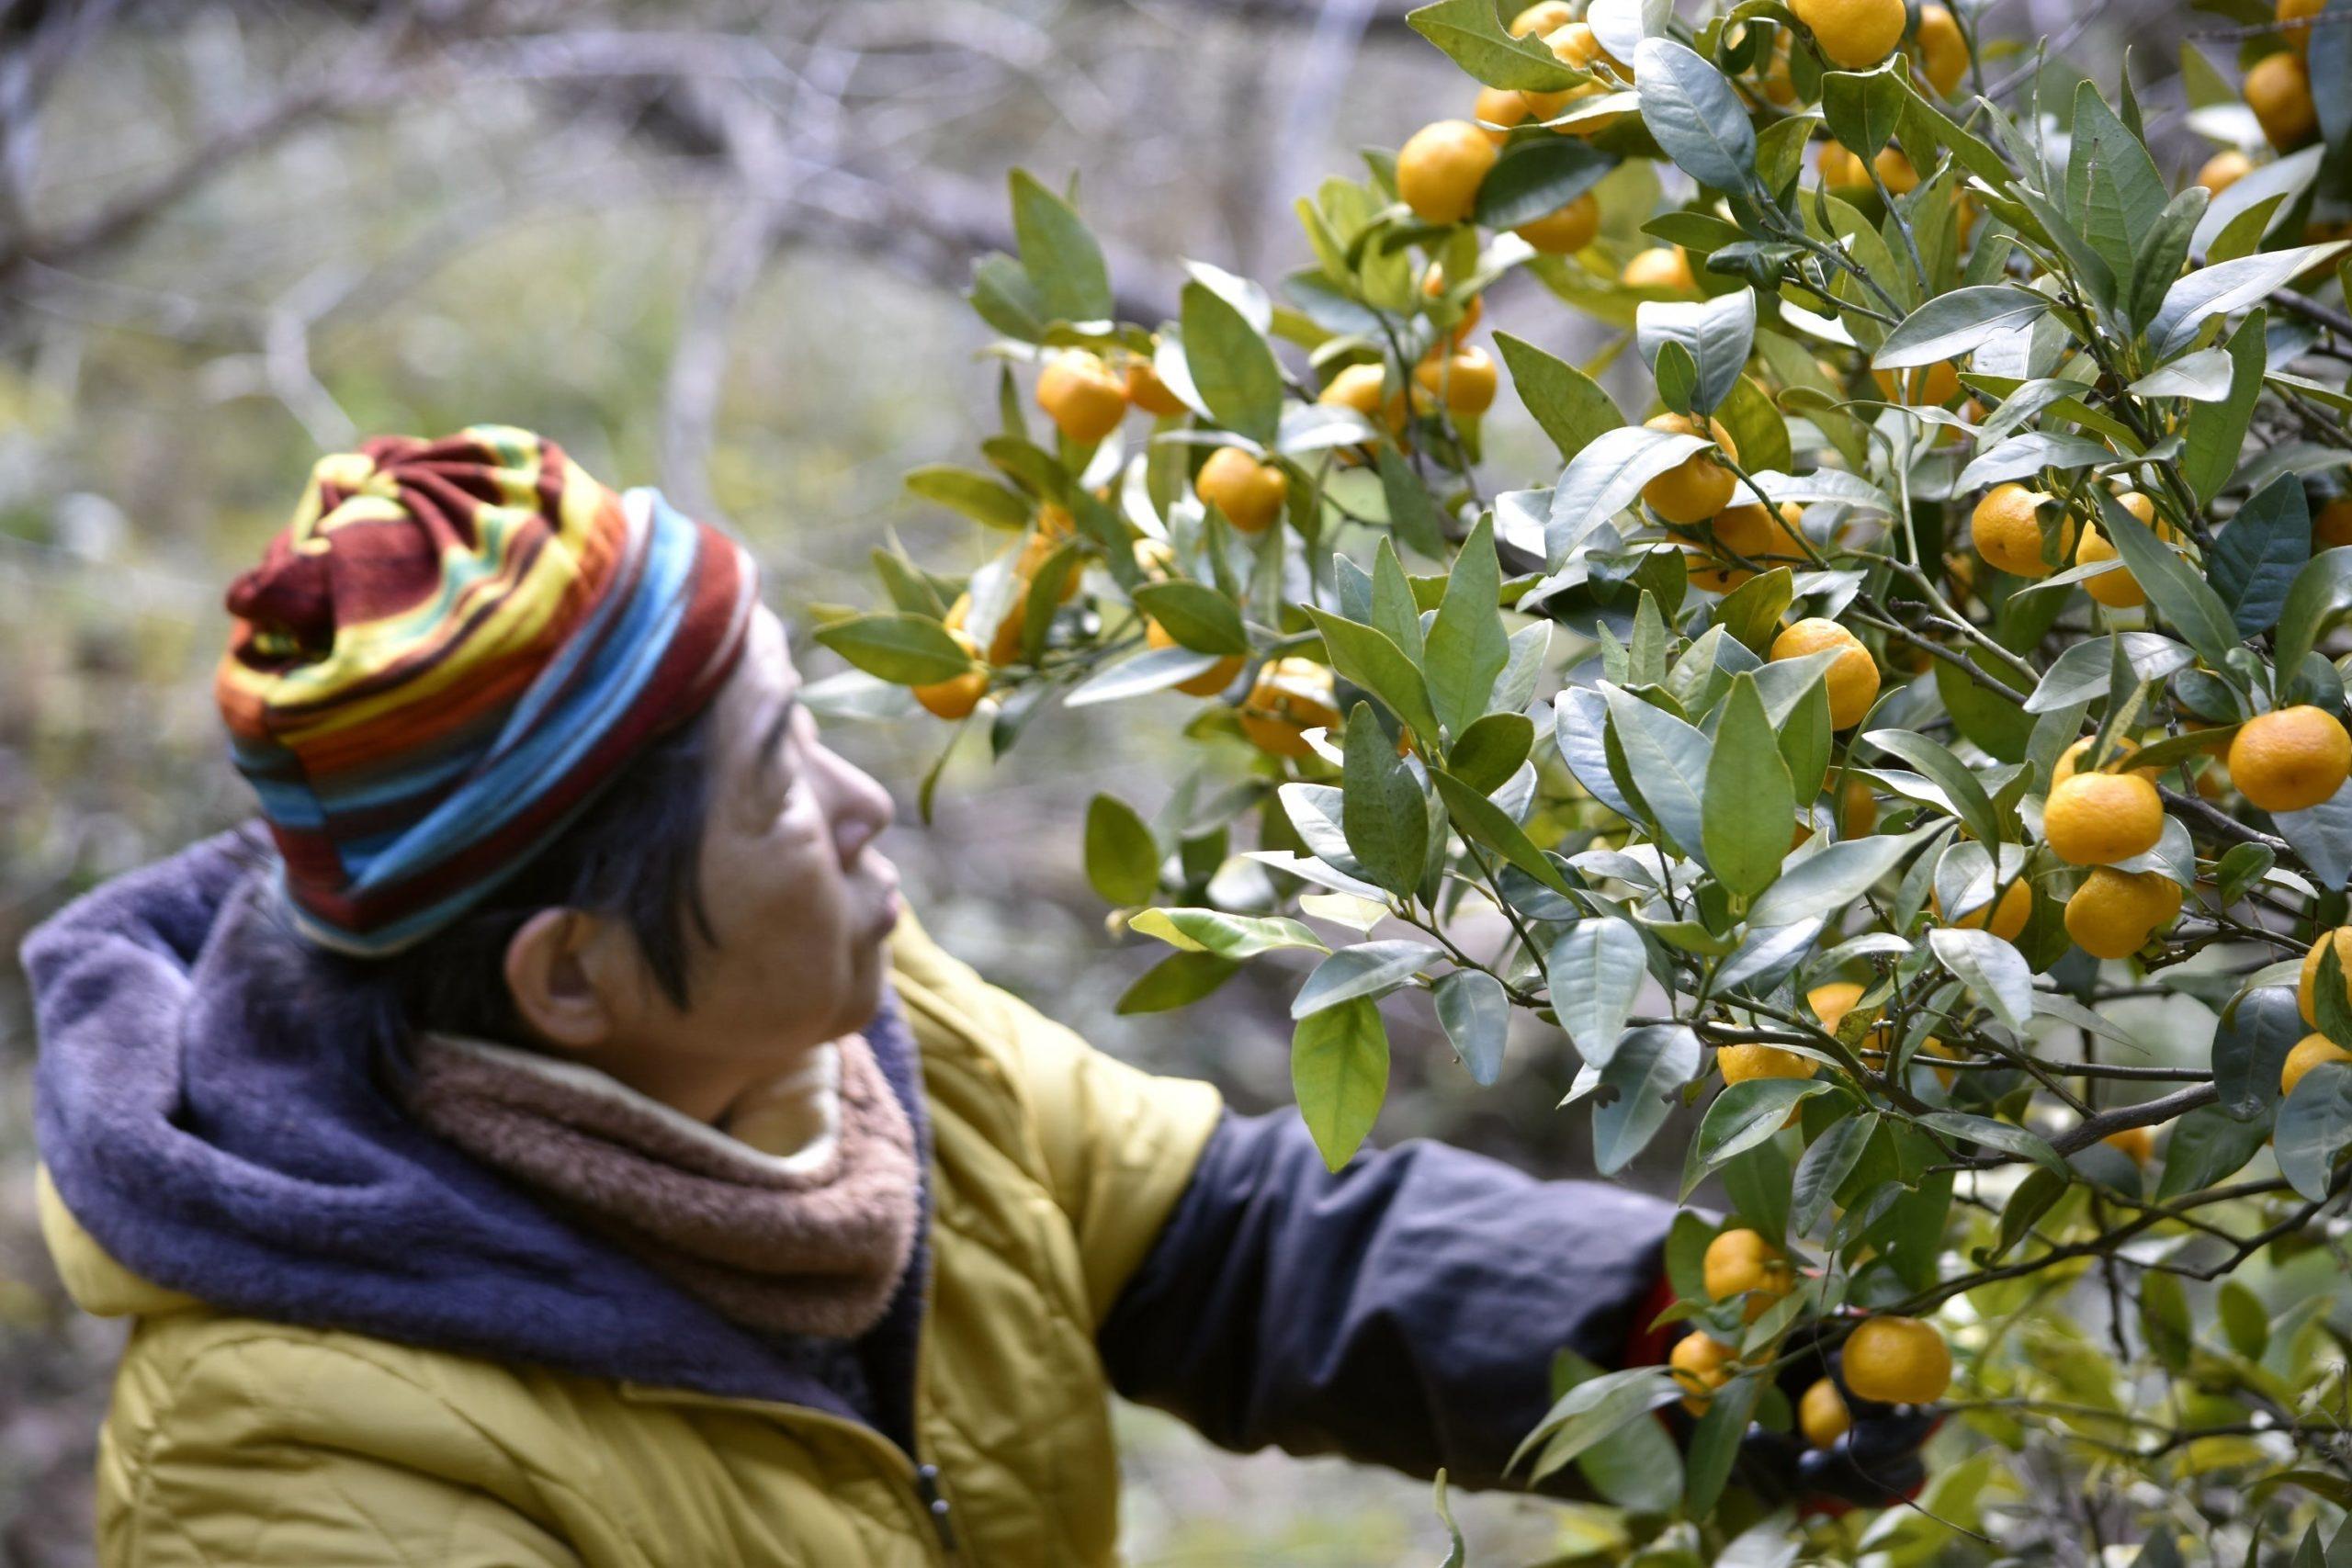 MIRUIプロジェクトVOL.20 沼津戸田橘が香るアロマエアミストを届けたい!_2